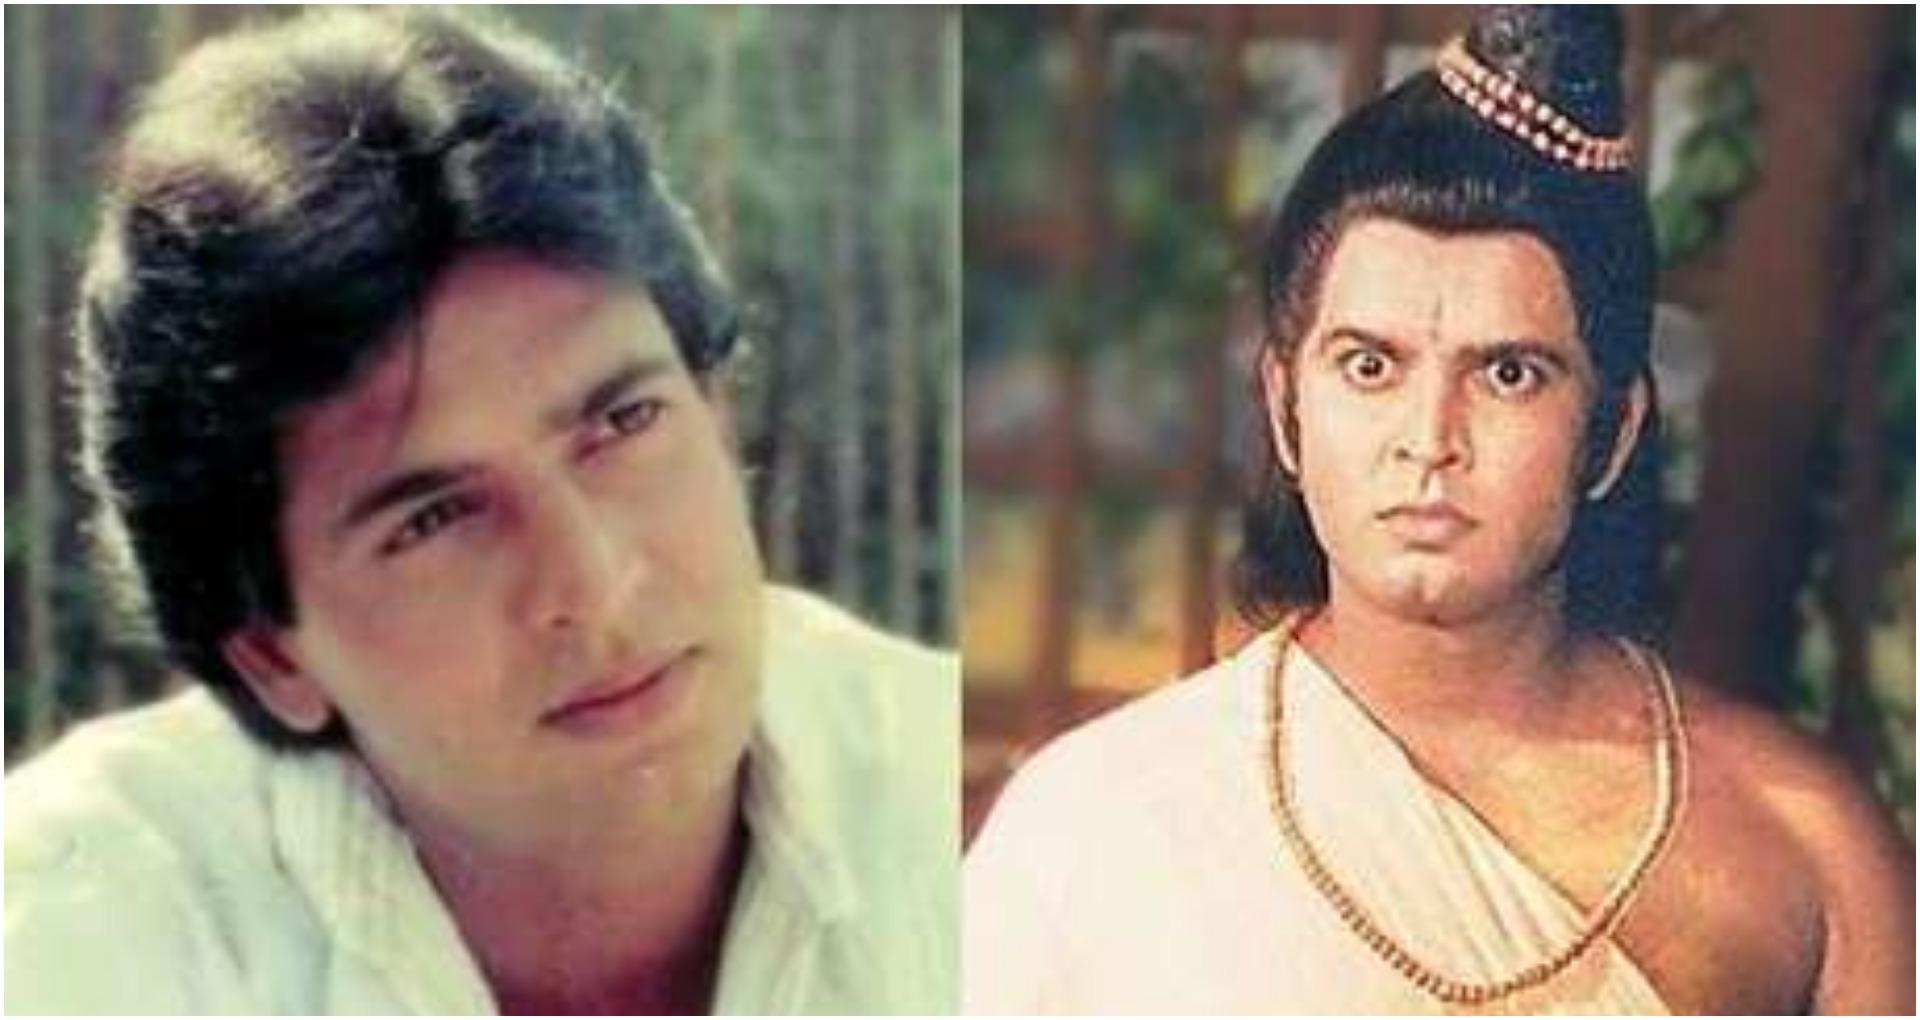 'रामायण' के लक्ष्मण की तस्वीर हो रही है सोशल मीडिया पर वायरल, देखकर आप भी चौंक जाएंगे